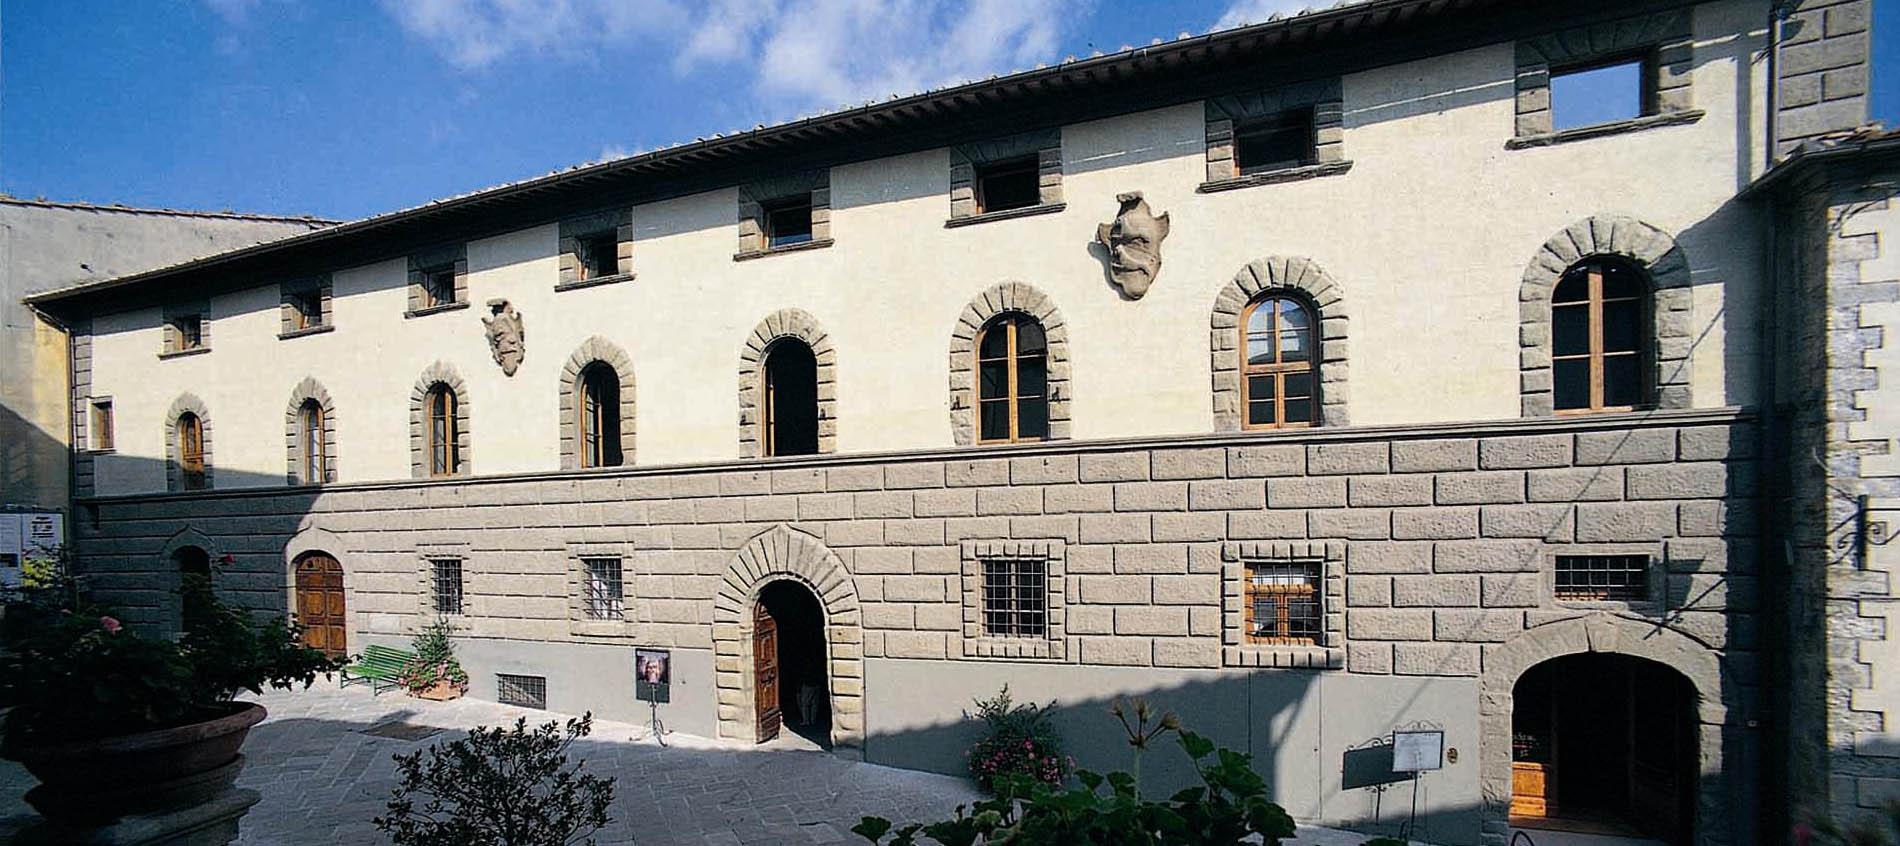 Hotel ristorante agriturismo a castellina in chianti for Hotel numero